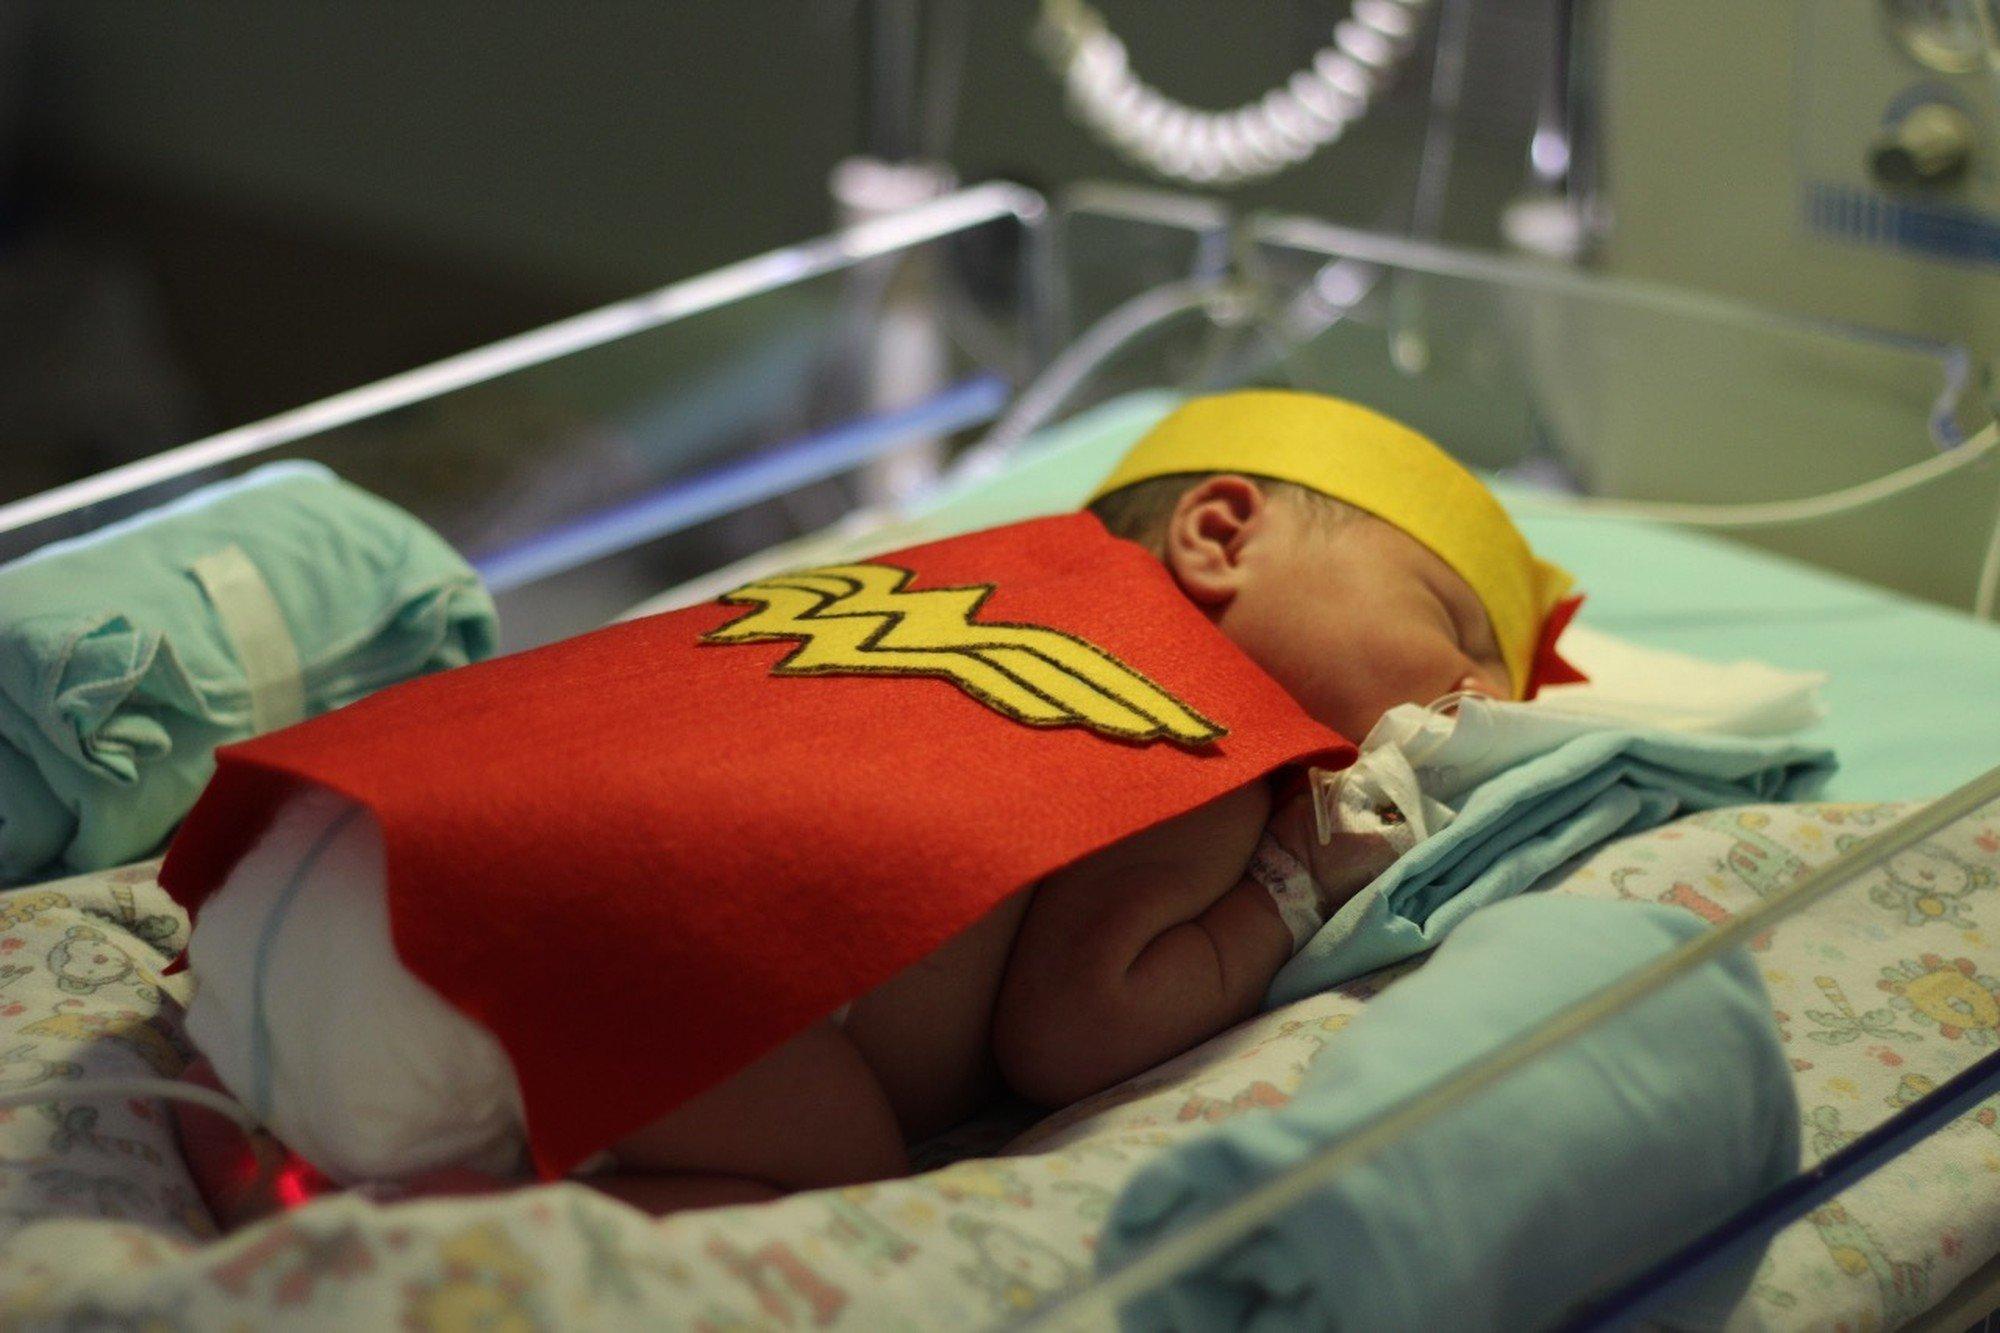 whatsapp image 2018 10 12 at 14 29 39.jpeg?resize=1200,630 - Bebês de UTI neonatal são vestidos como super-heróis para celebrar o Dia das Crianças